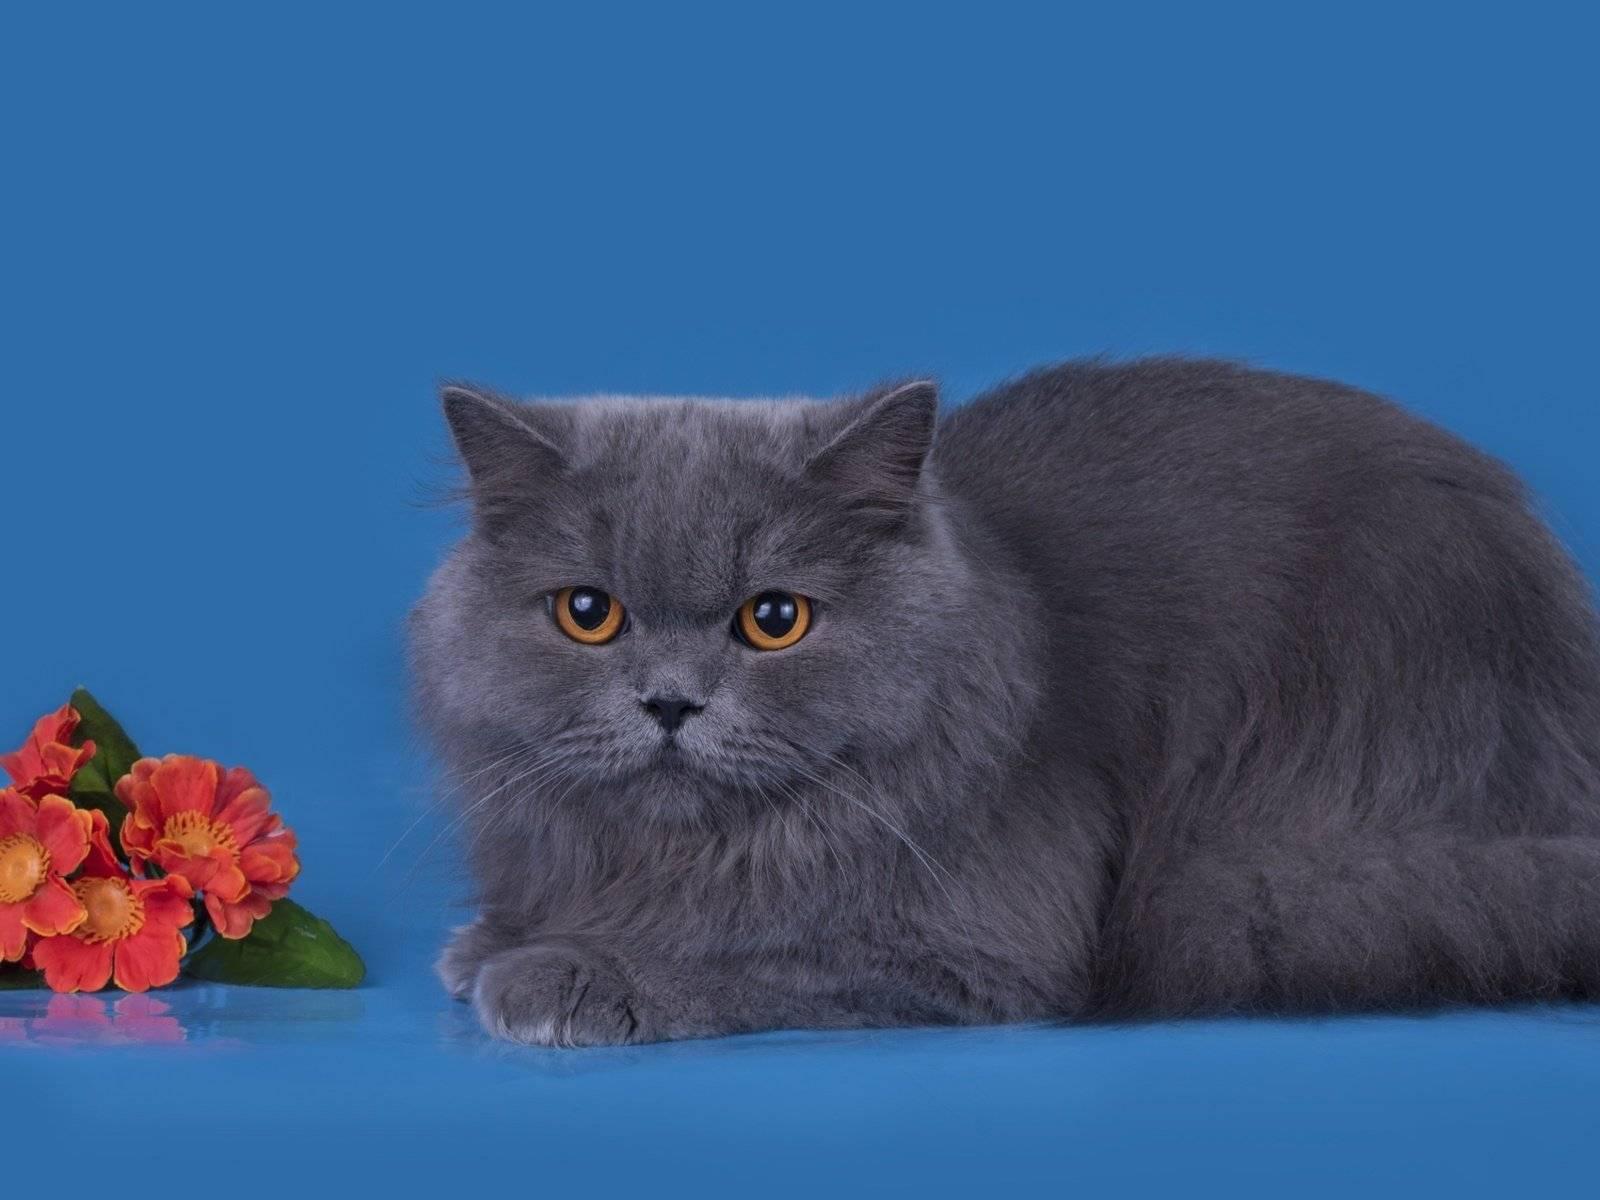 Голубая британская кошка (29 фото): описание британской породы котов, окрас прямоухих британцев, характер котят британских кошек